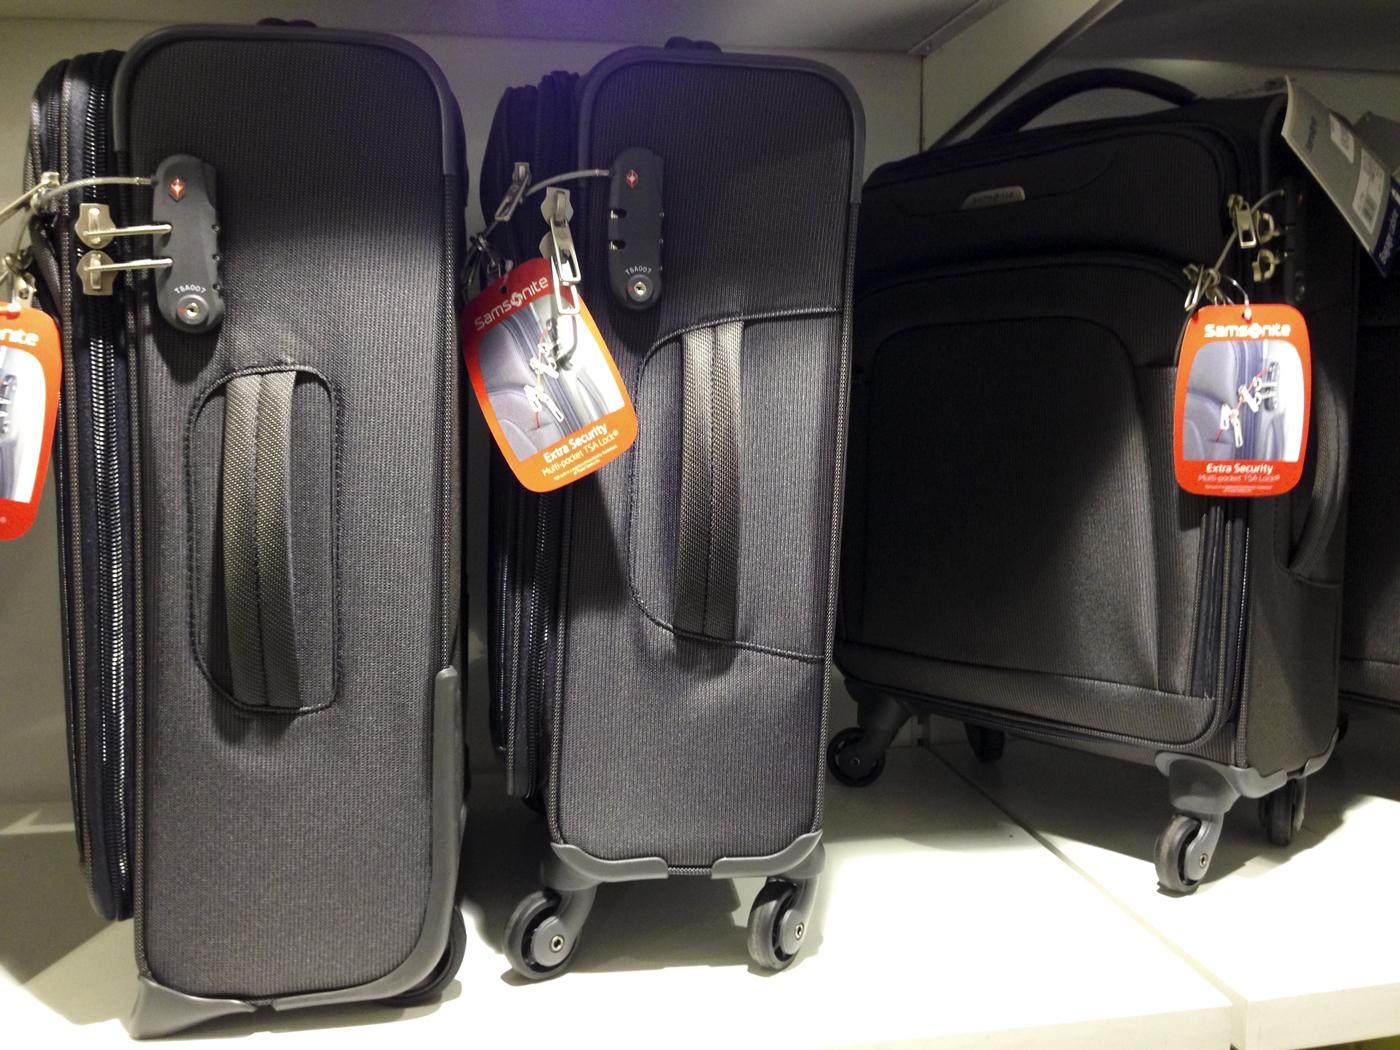 Disse koffertene kan du ta med som håndbagsje.